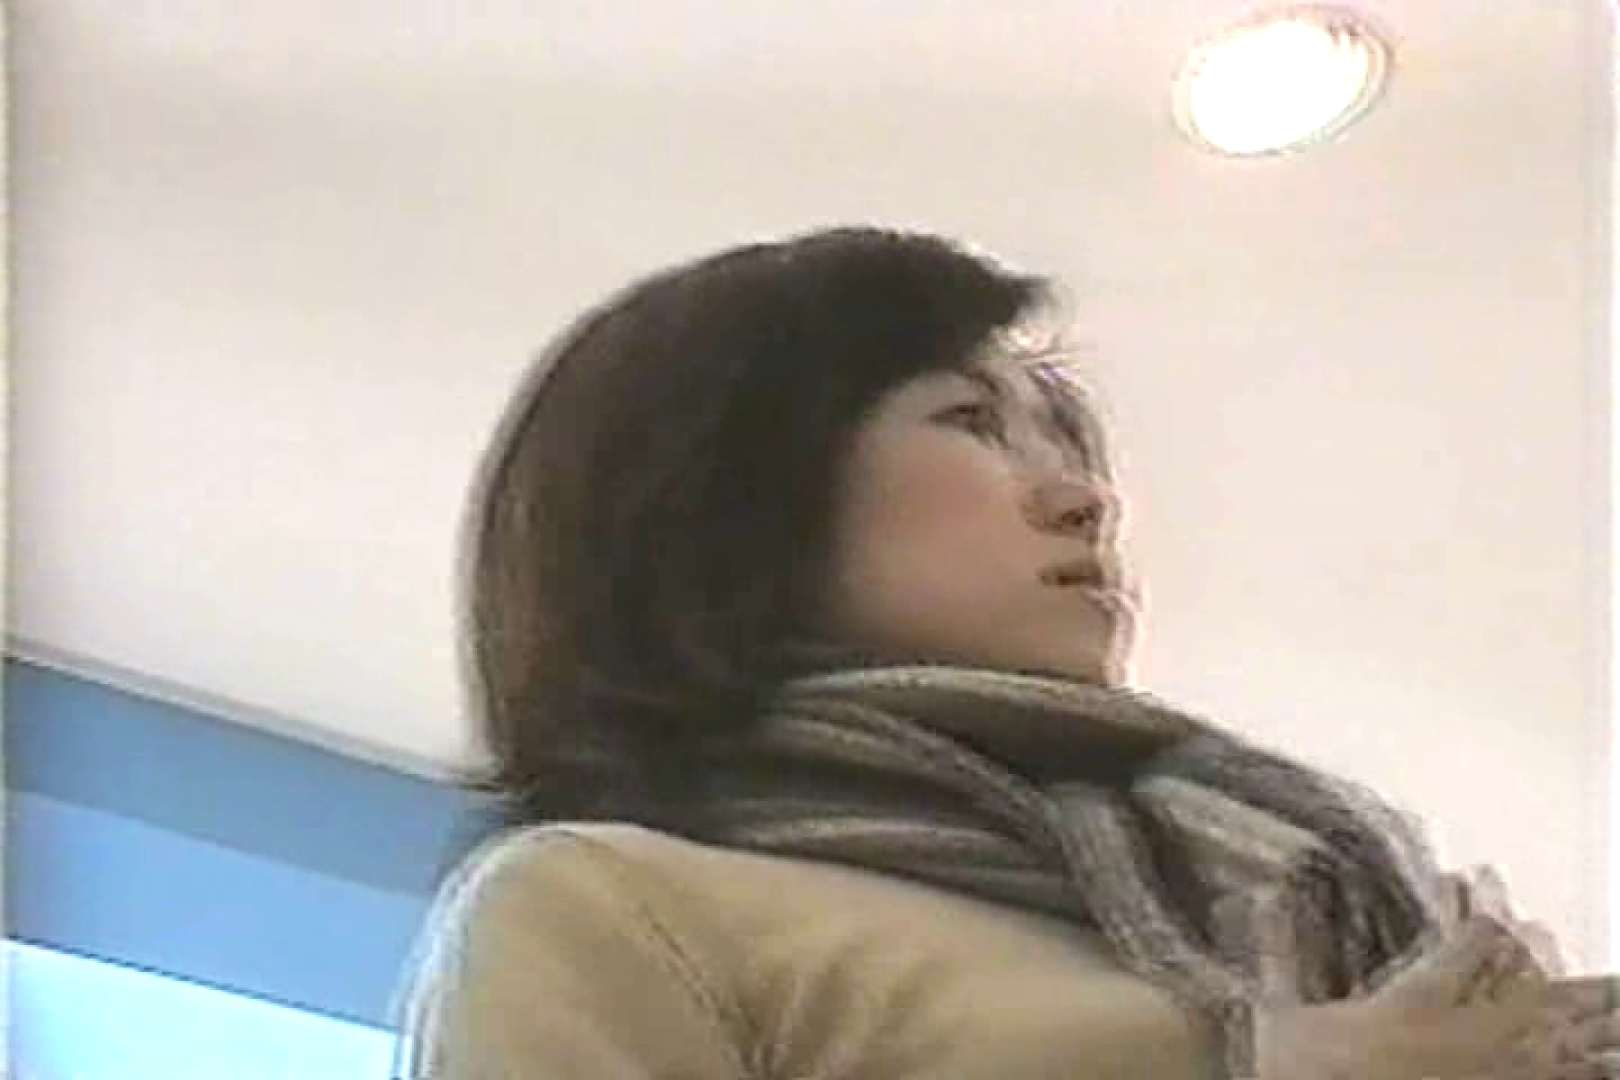 「ちくりん」さんのオリジナル未編集パンチラVol.2_02 チラ  84PIX 72